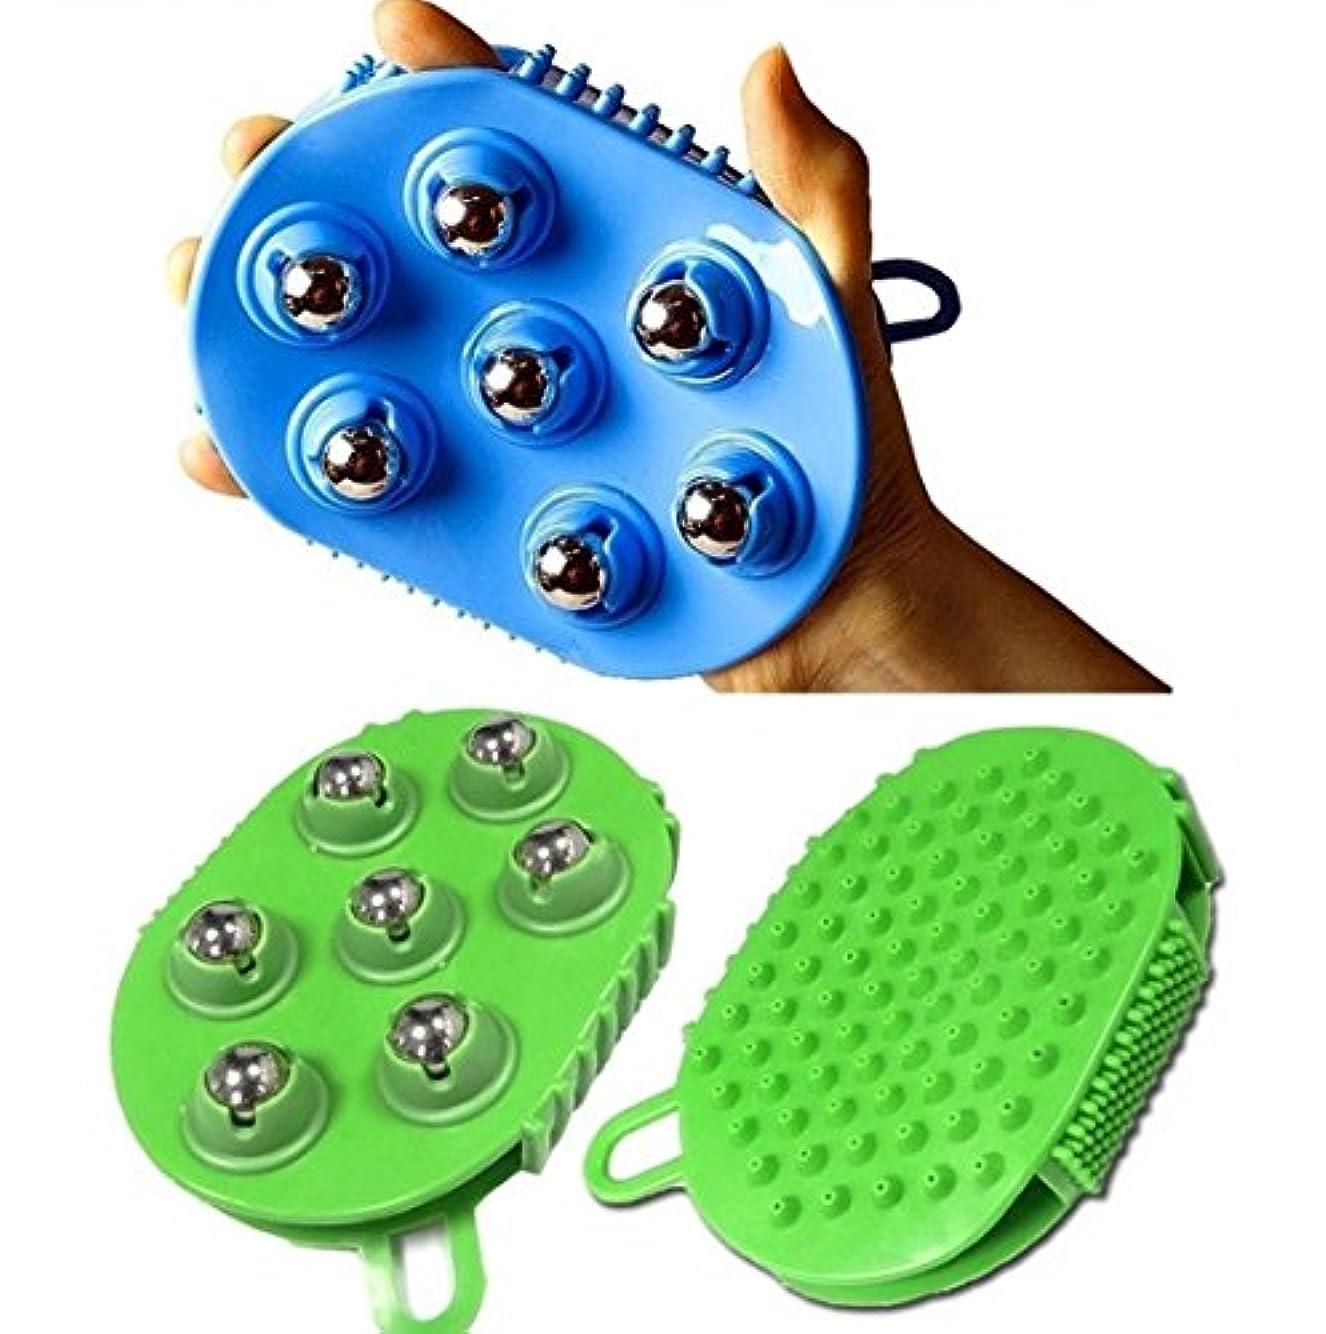 アコード曲げるテーマステンレススチールボールマッサージブラシグローブ7ローリング 360度回転 / Stainless steel Ball Massage Brush Glove 7 Rolling 360 degree rotation...